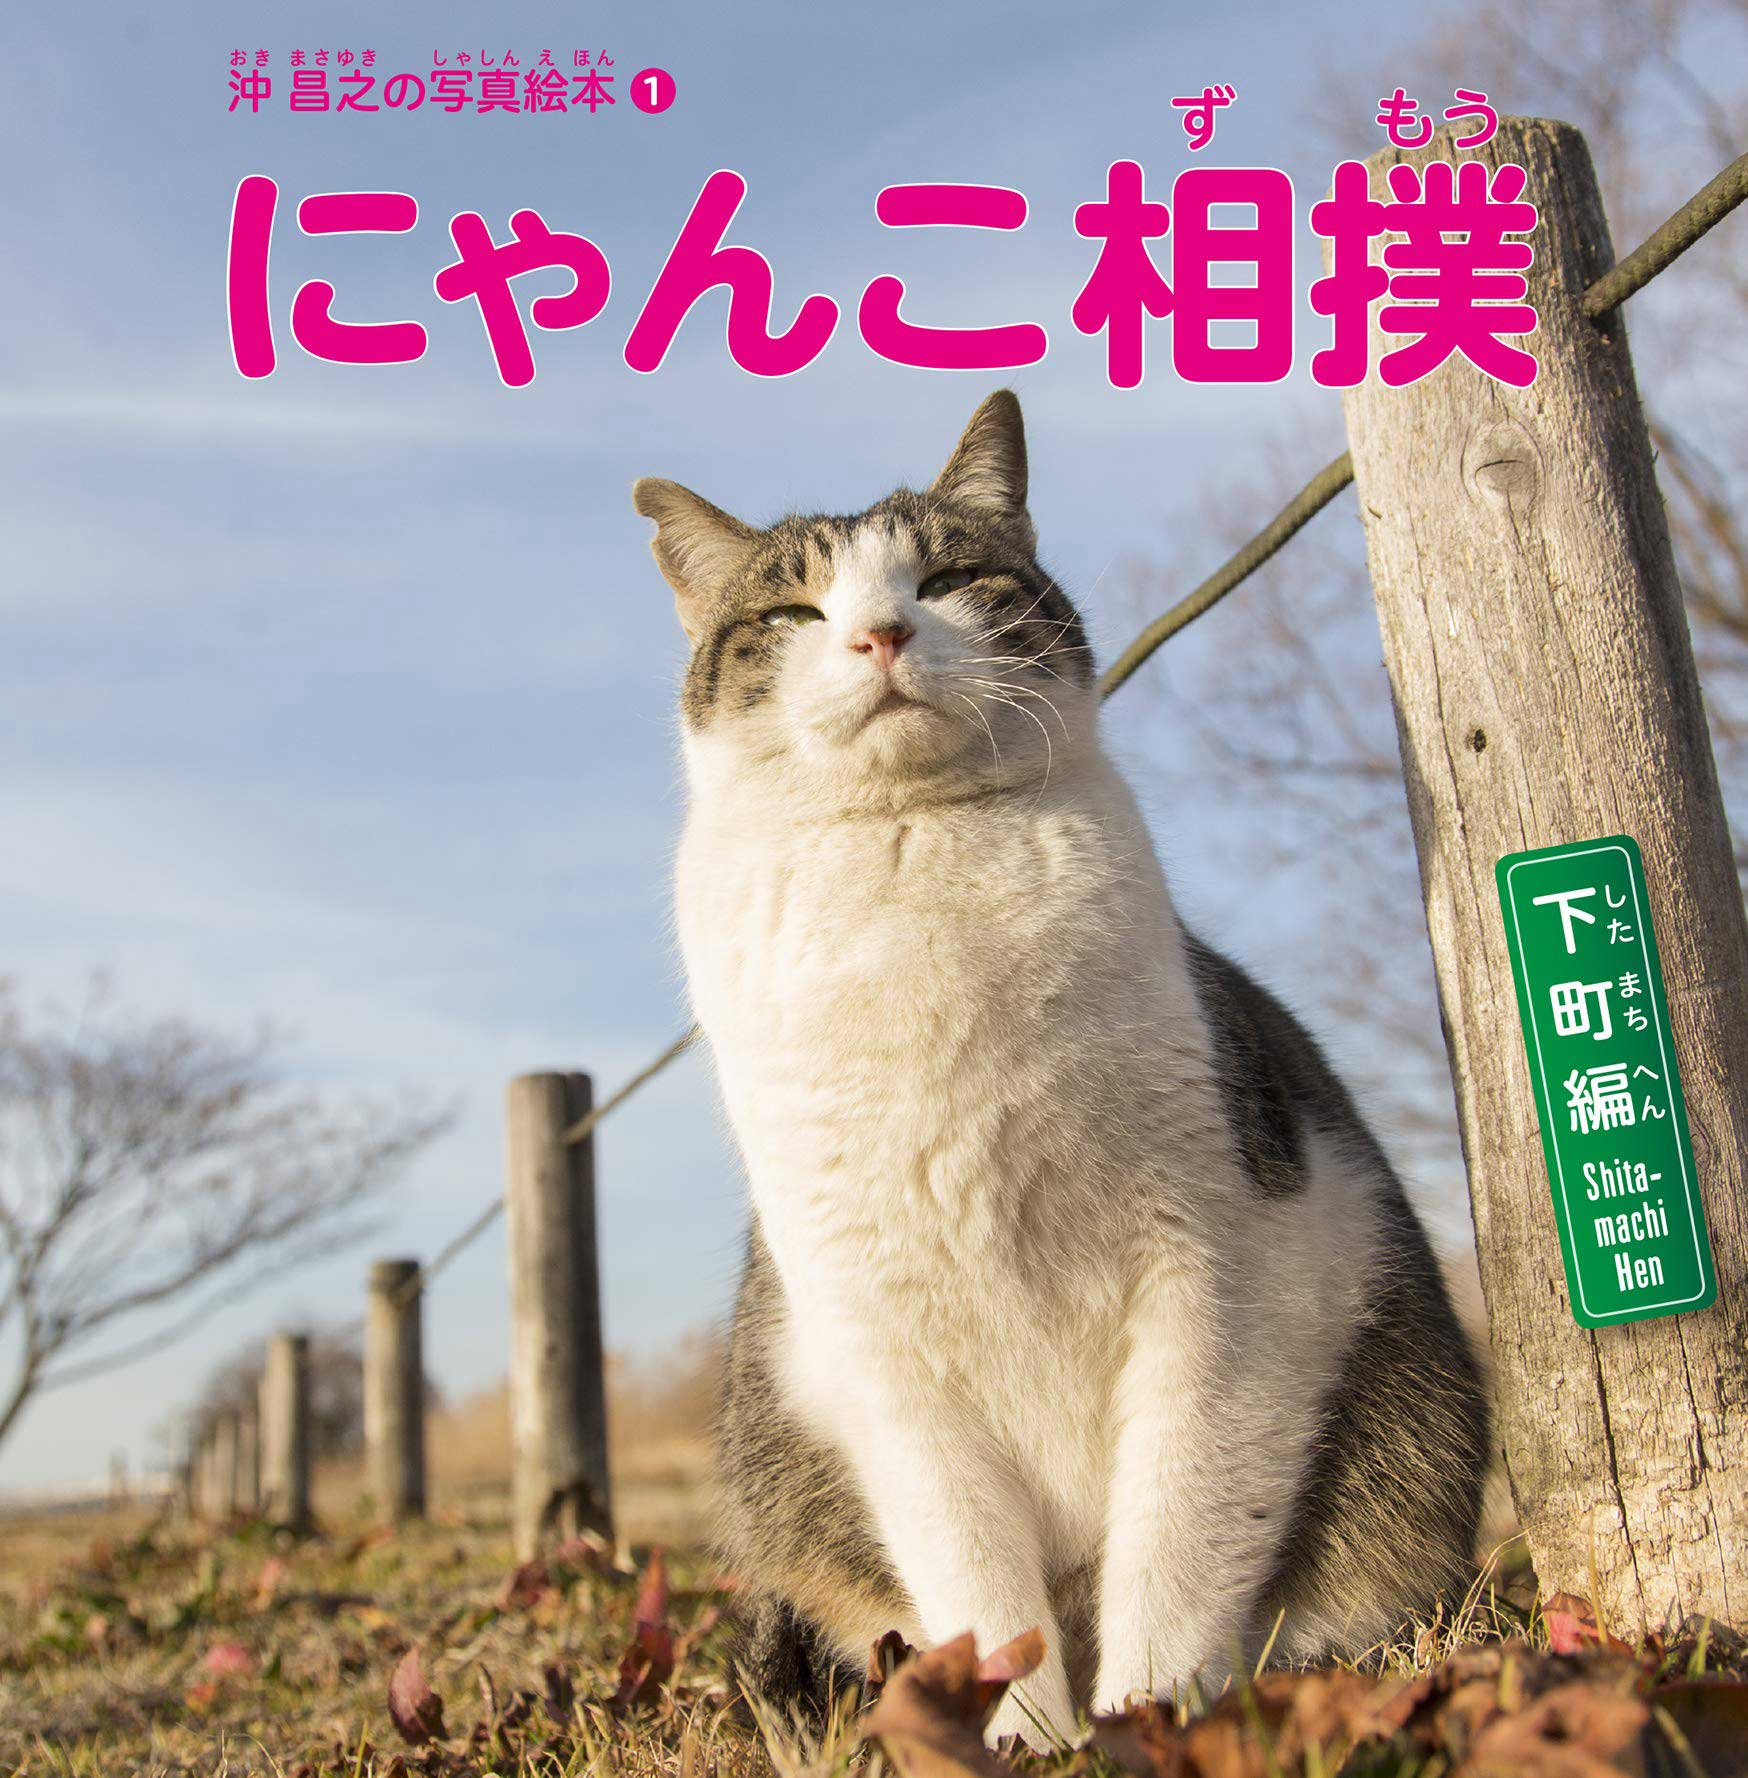 『沖昌之の写真絵本1 にゃんこ相撲 下町編』<br> (大空出版、定価1,200円)